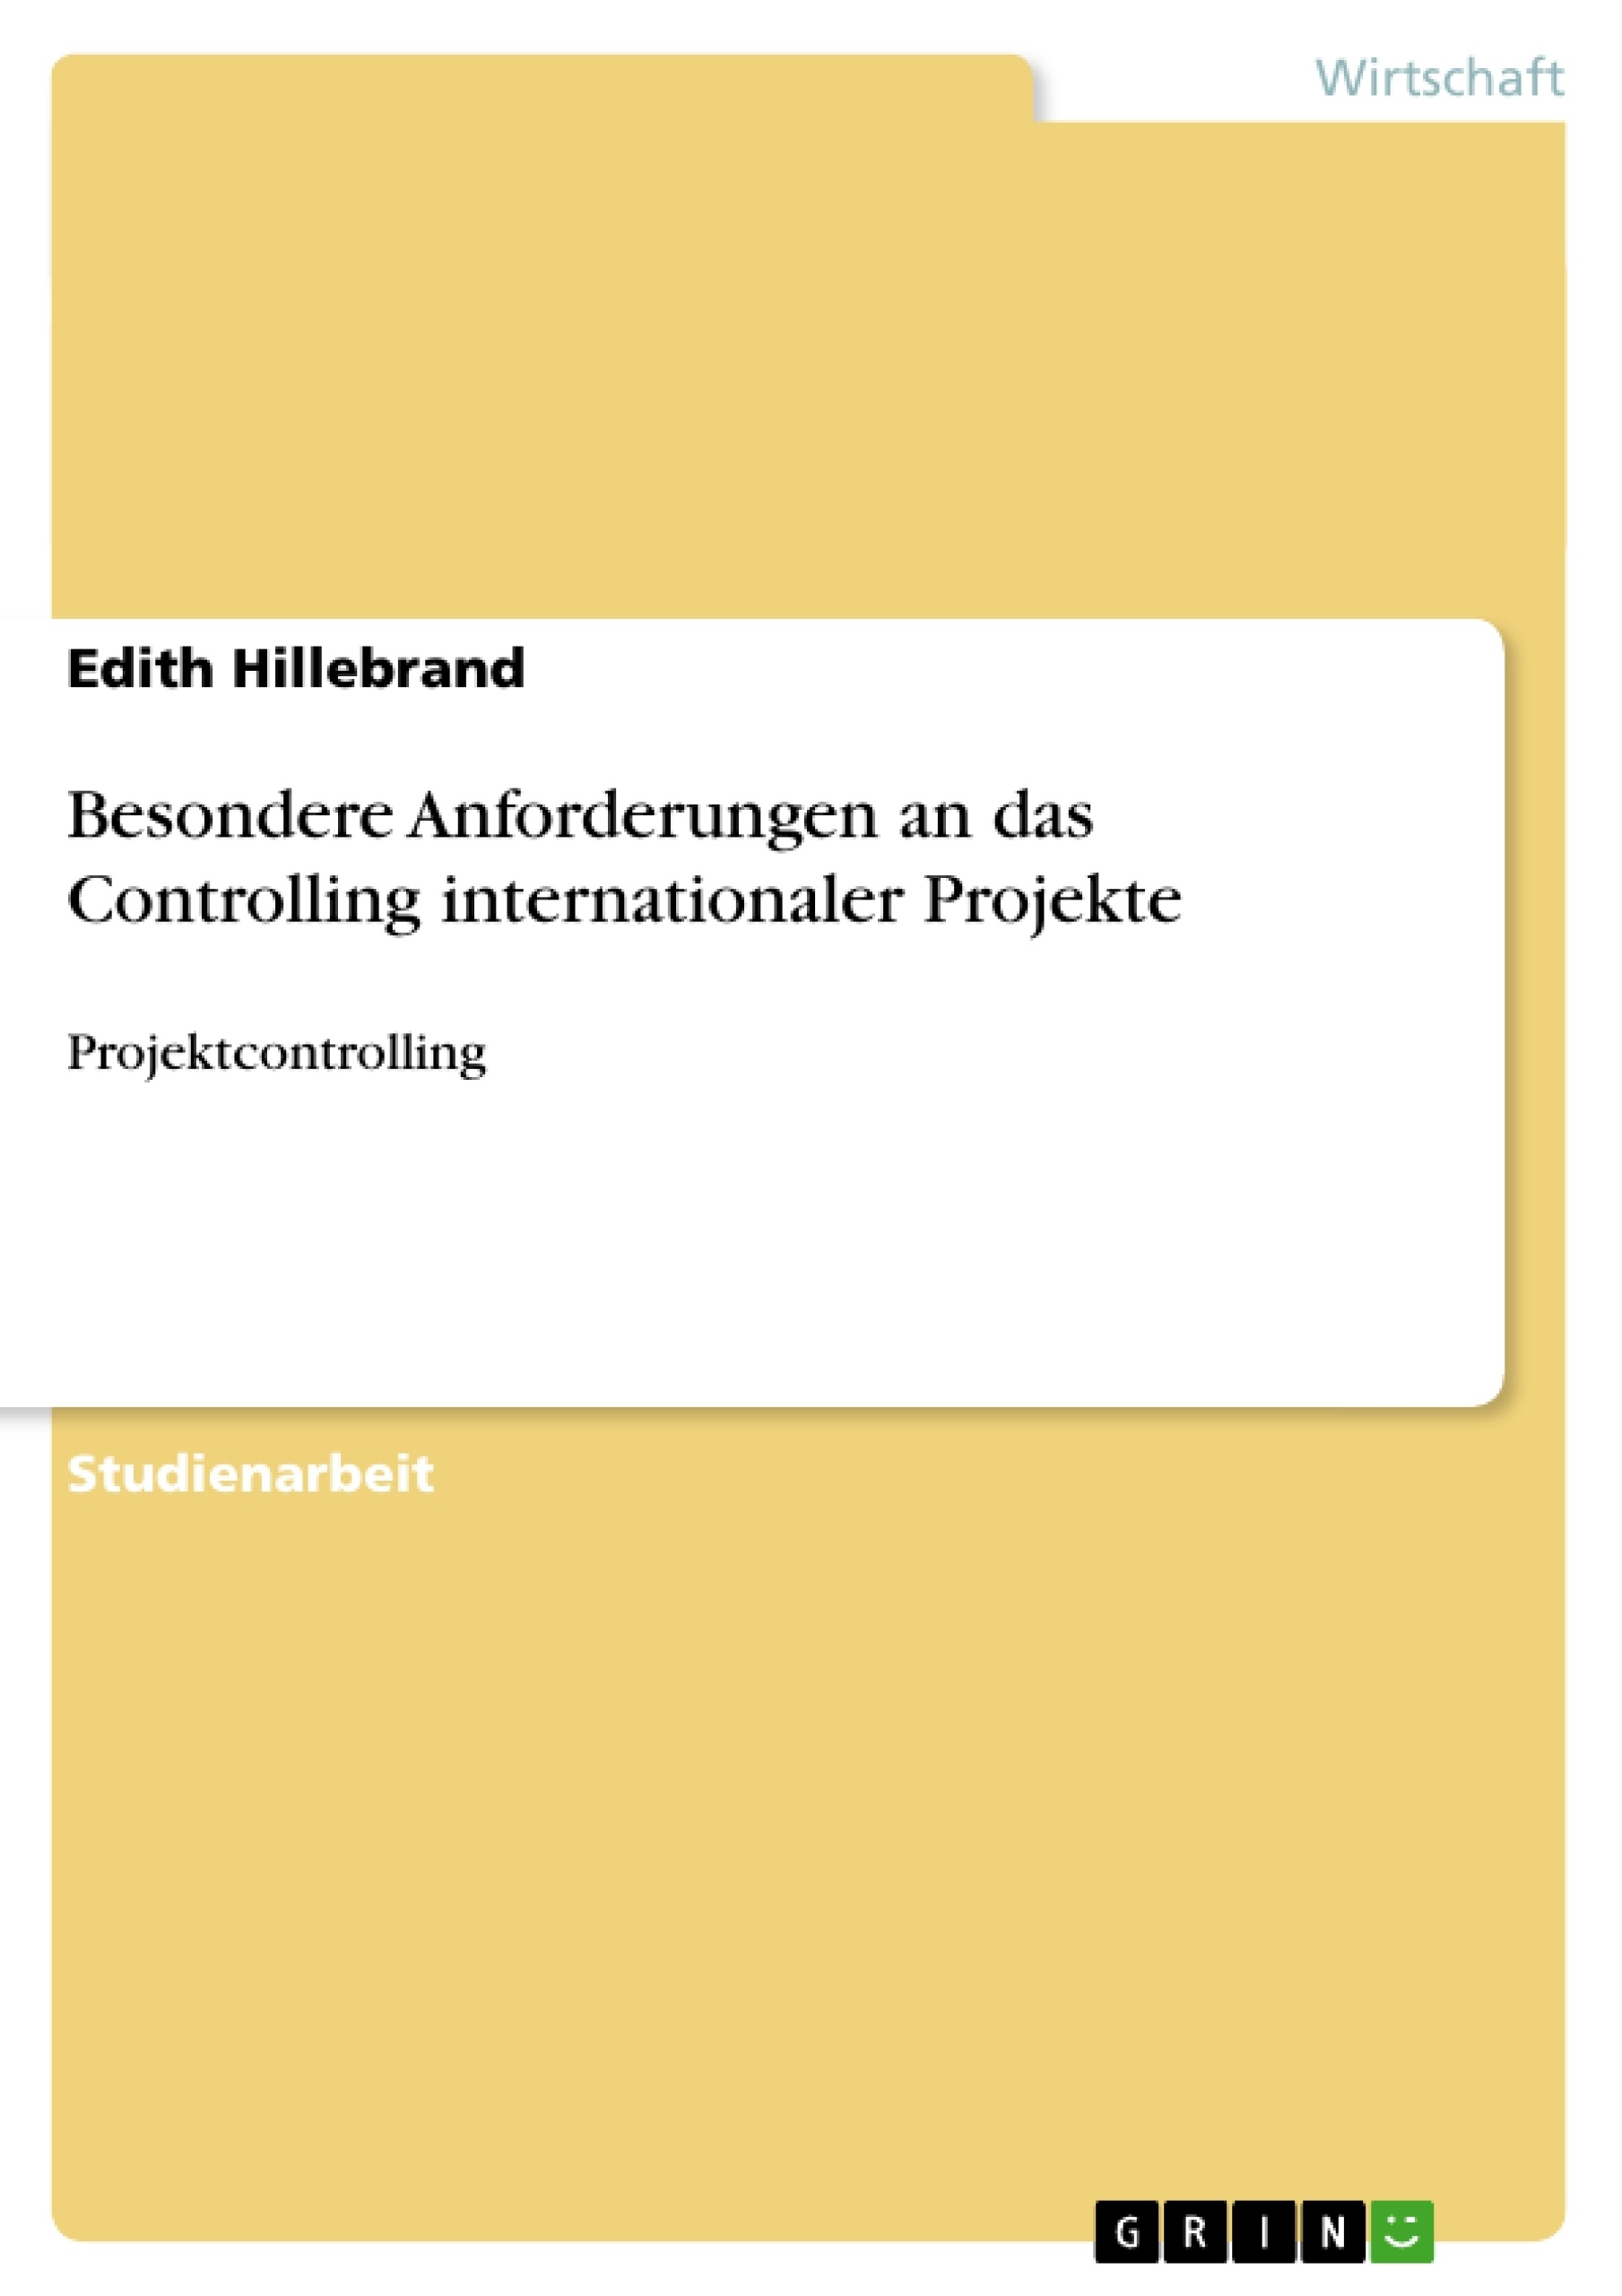 Titel: Besondere Anforderungen an das Controlling internationaler Projekte